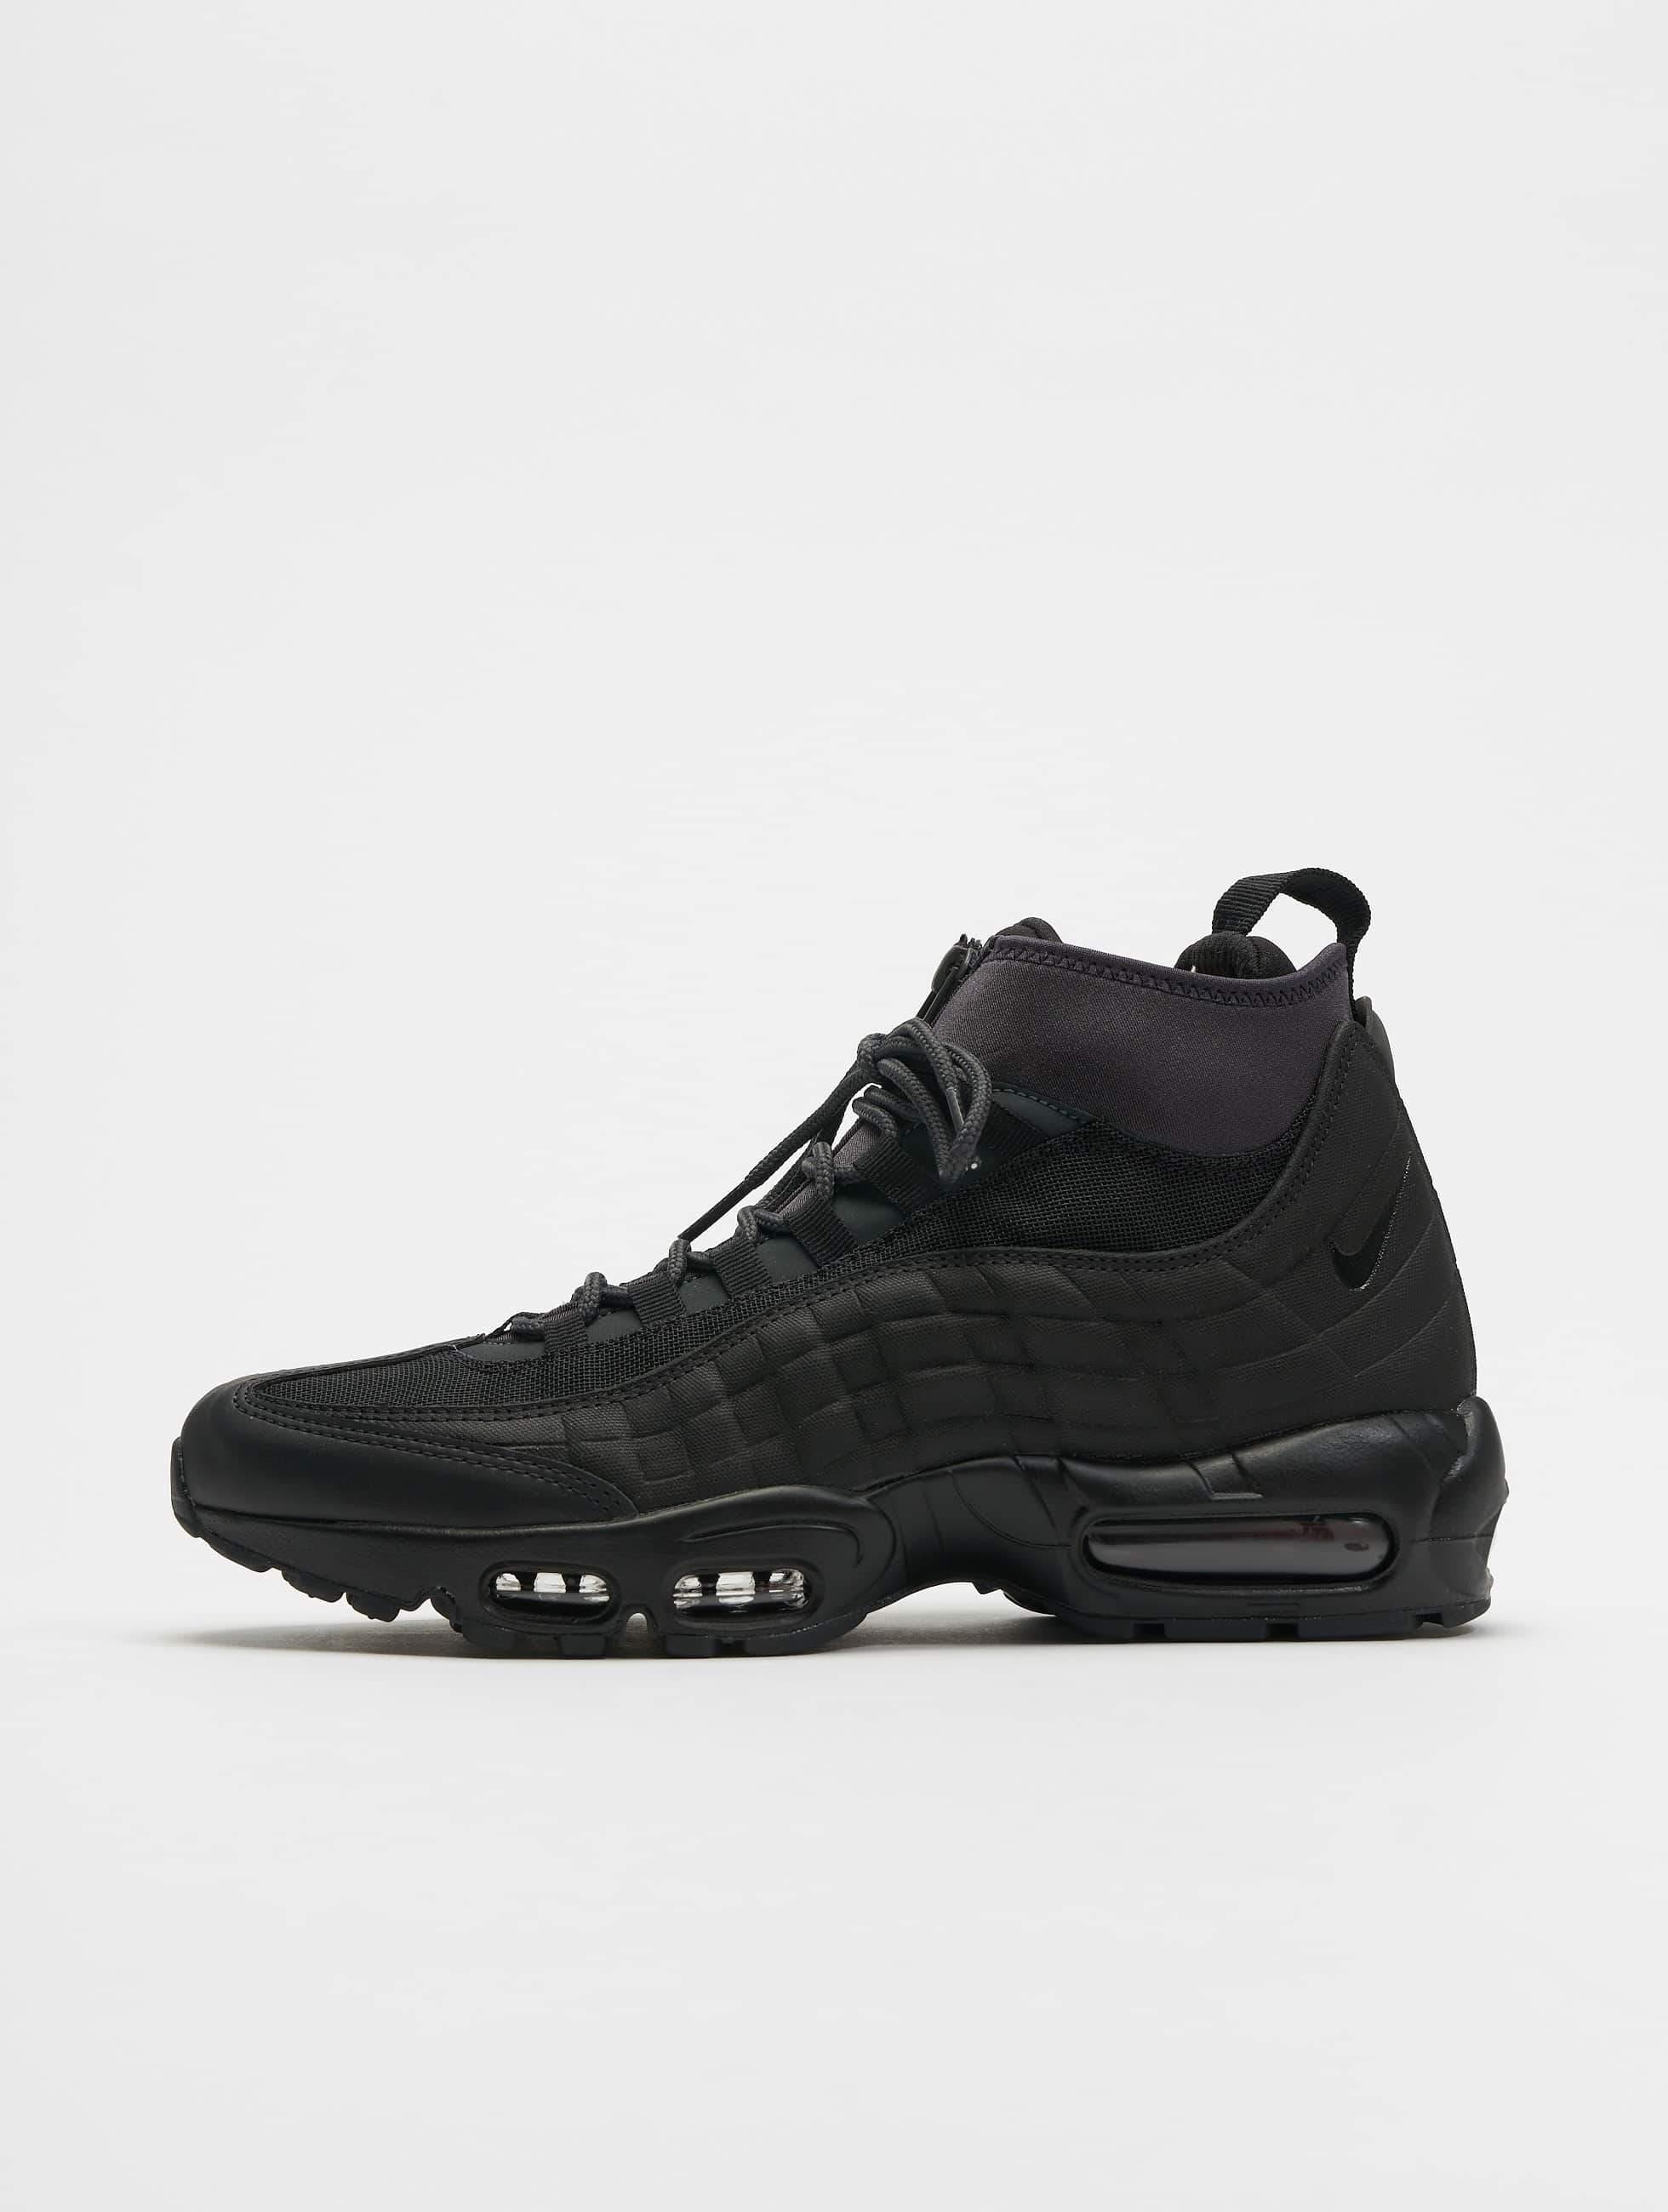 Nike Air Max 95 Sneakerboot Sneakers BlackBlackAnthraciteWhite